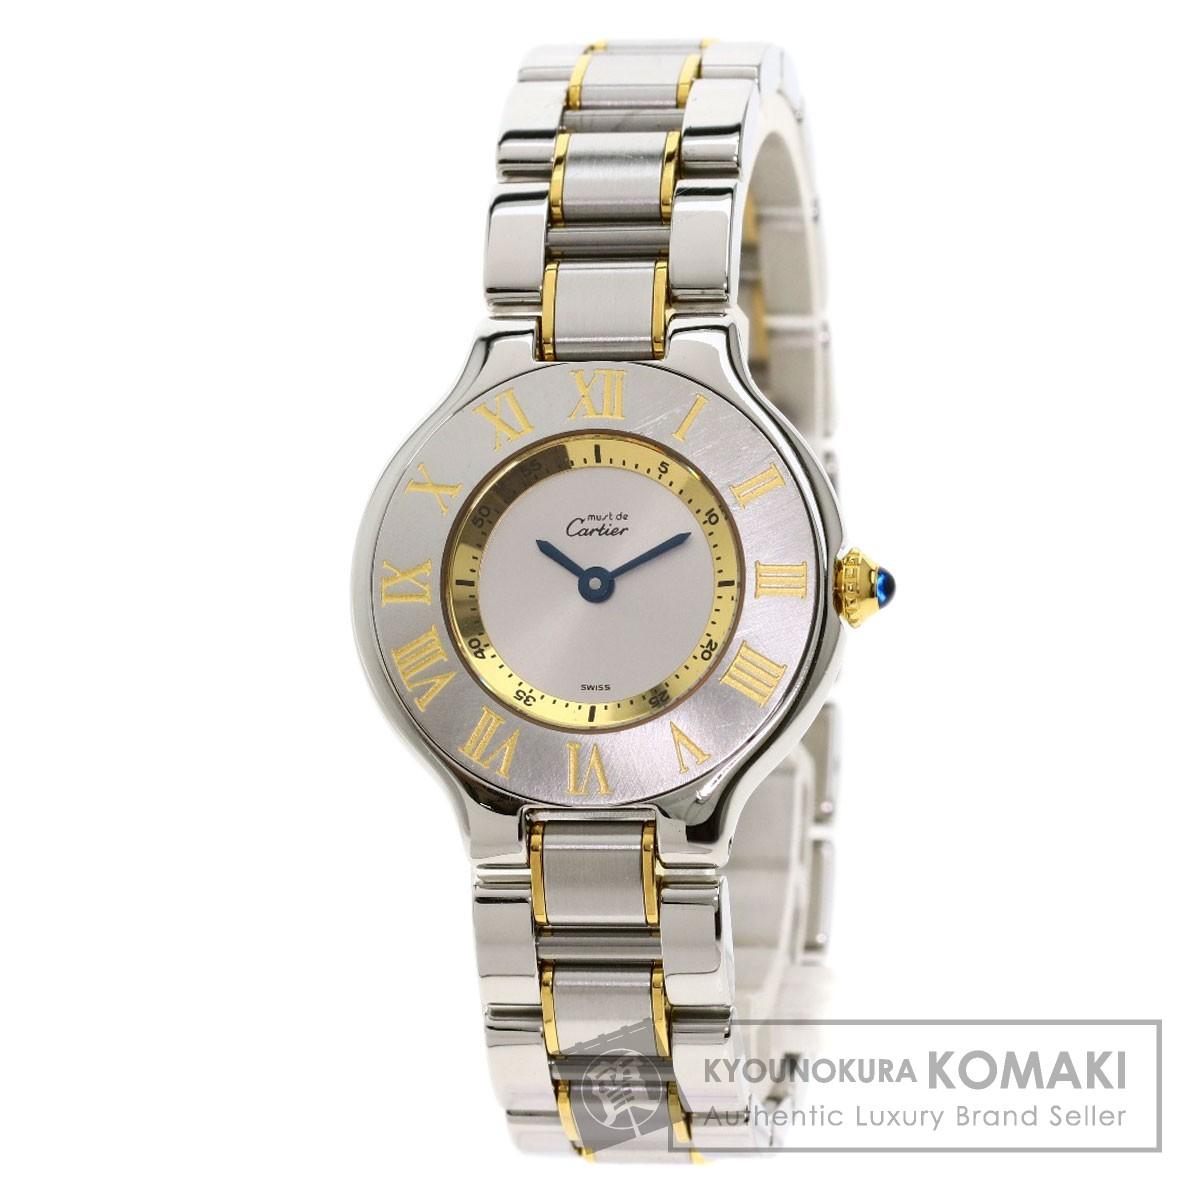 カルティエ W10073R6 マスト21 腕時計 ステンレススチール/SSxK18YG レディース 【中古】【CARTIER】